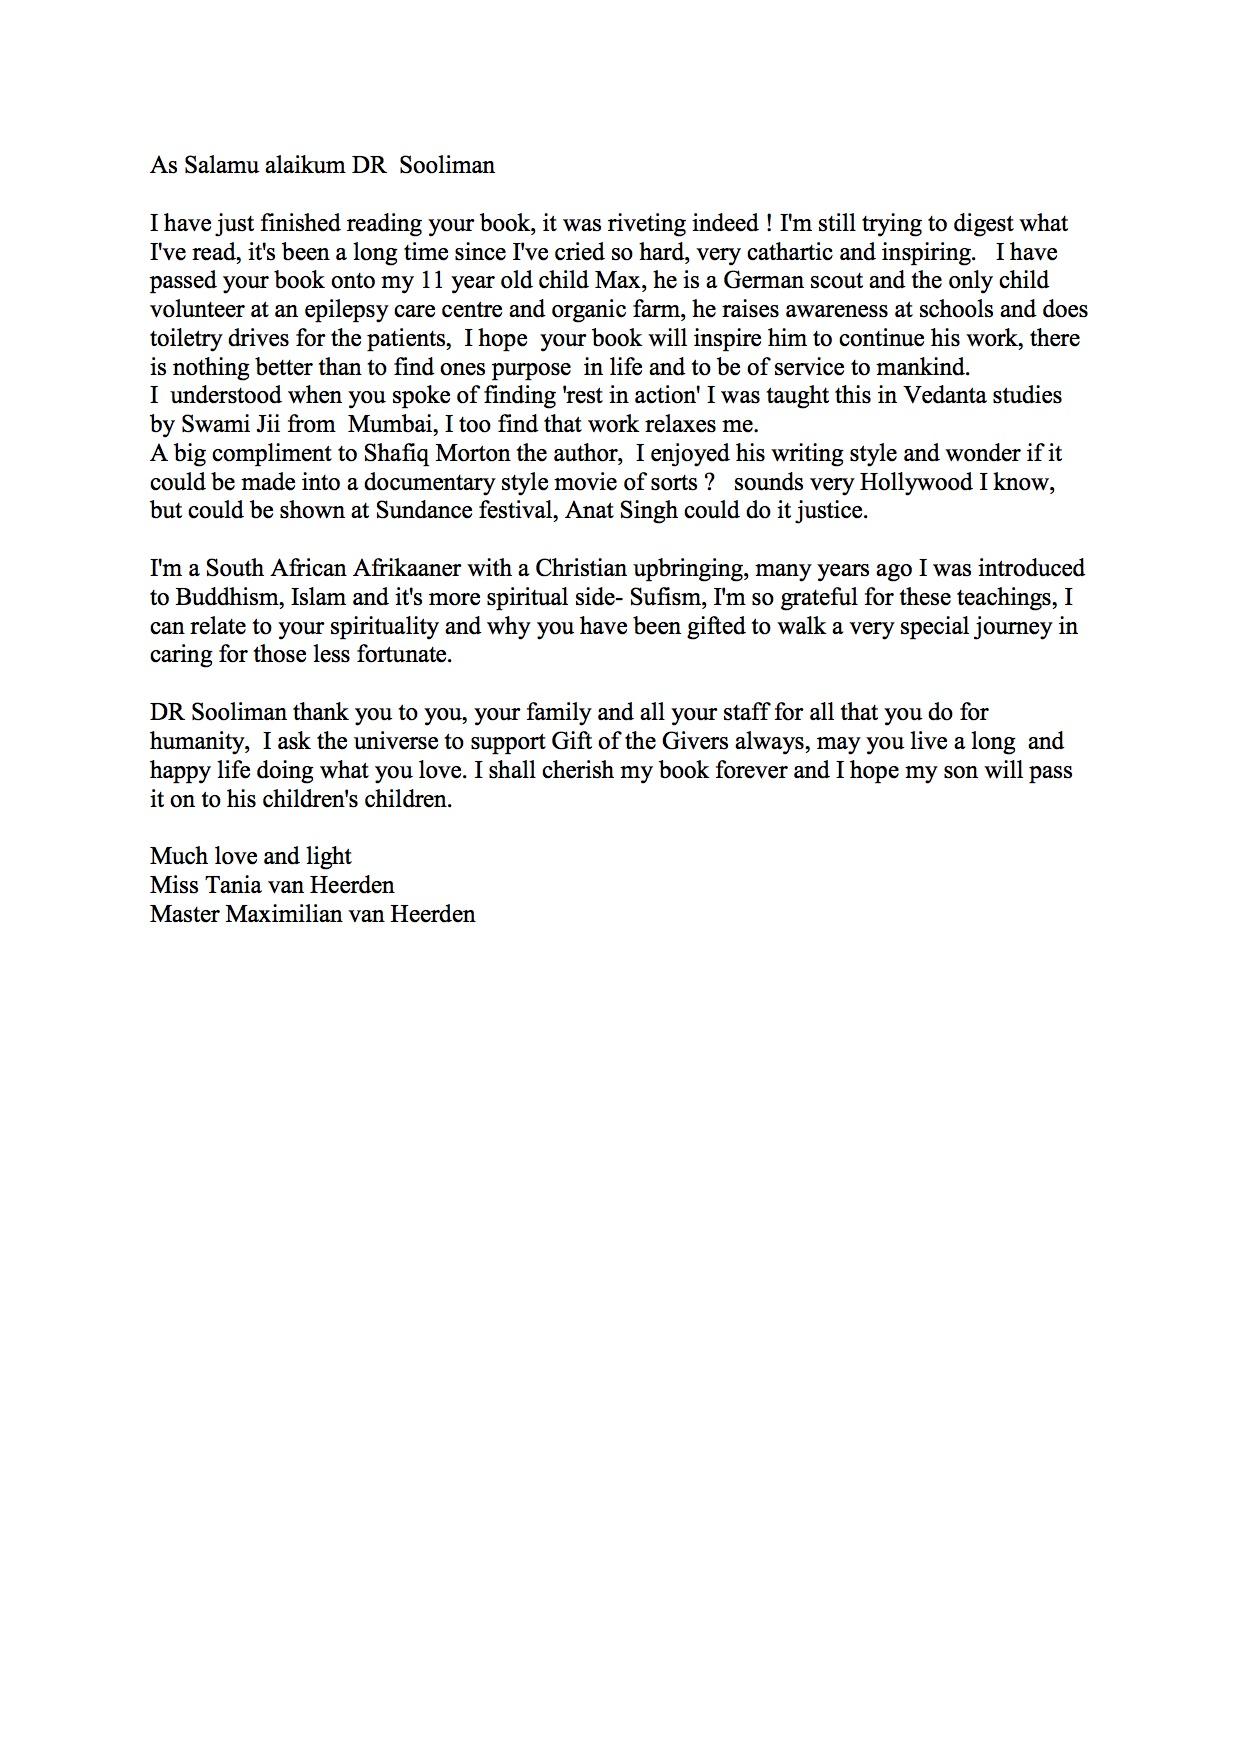 Letter_from_Tania_van_Heerden